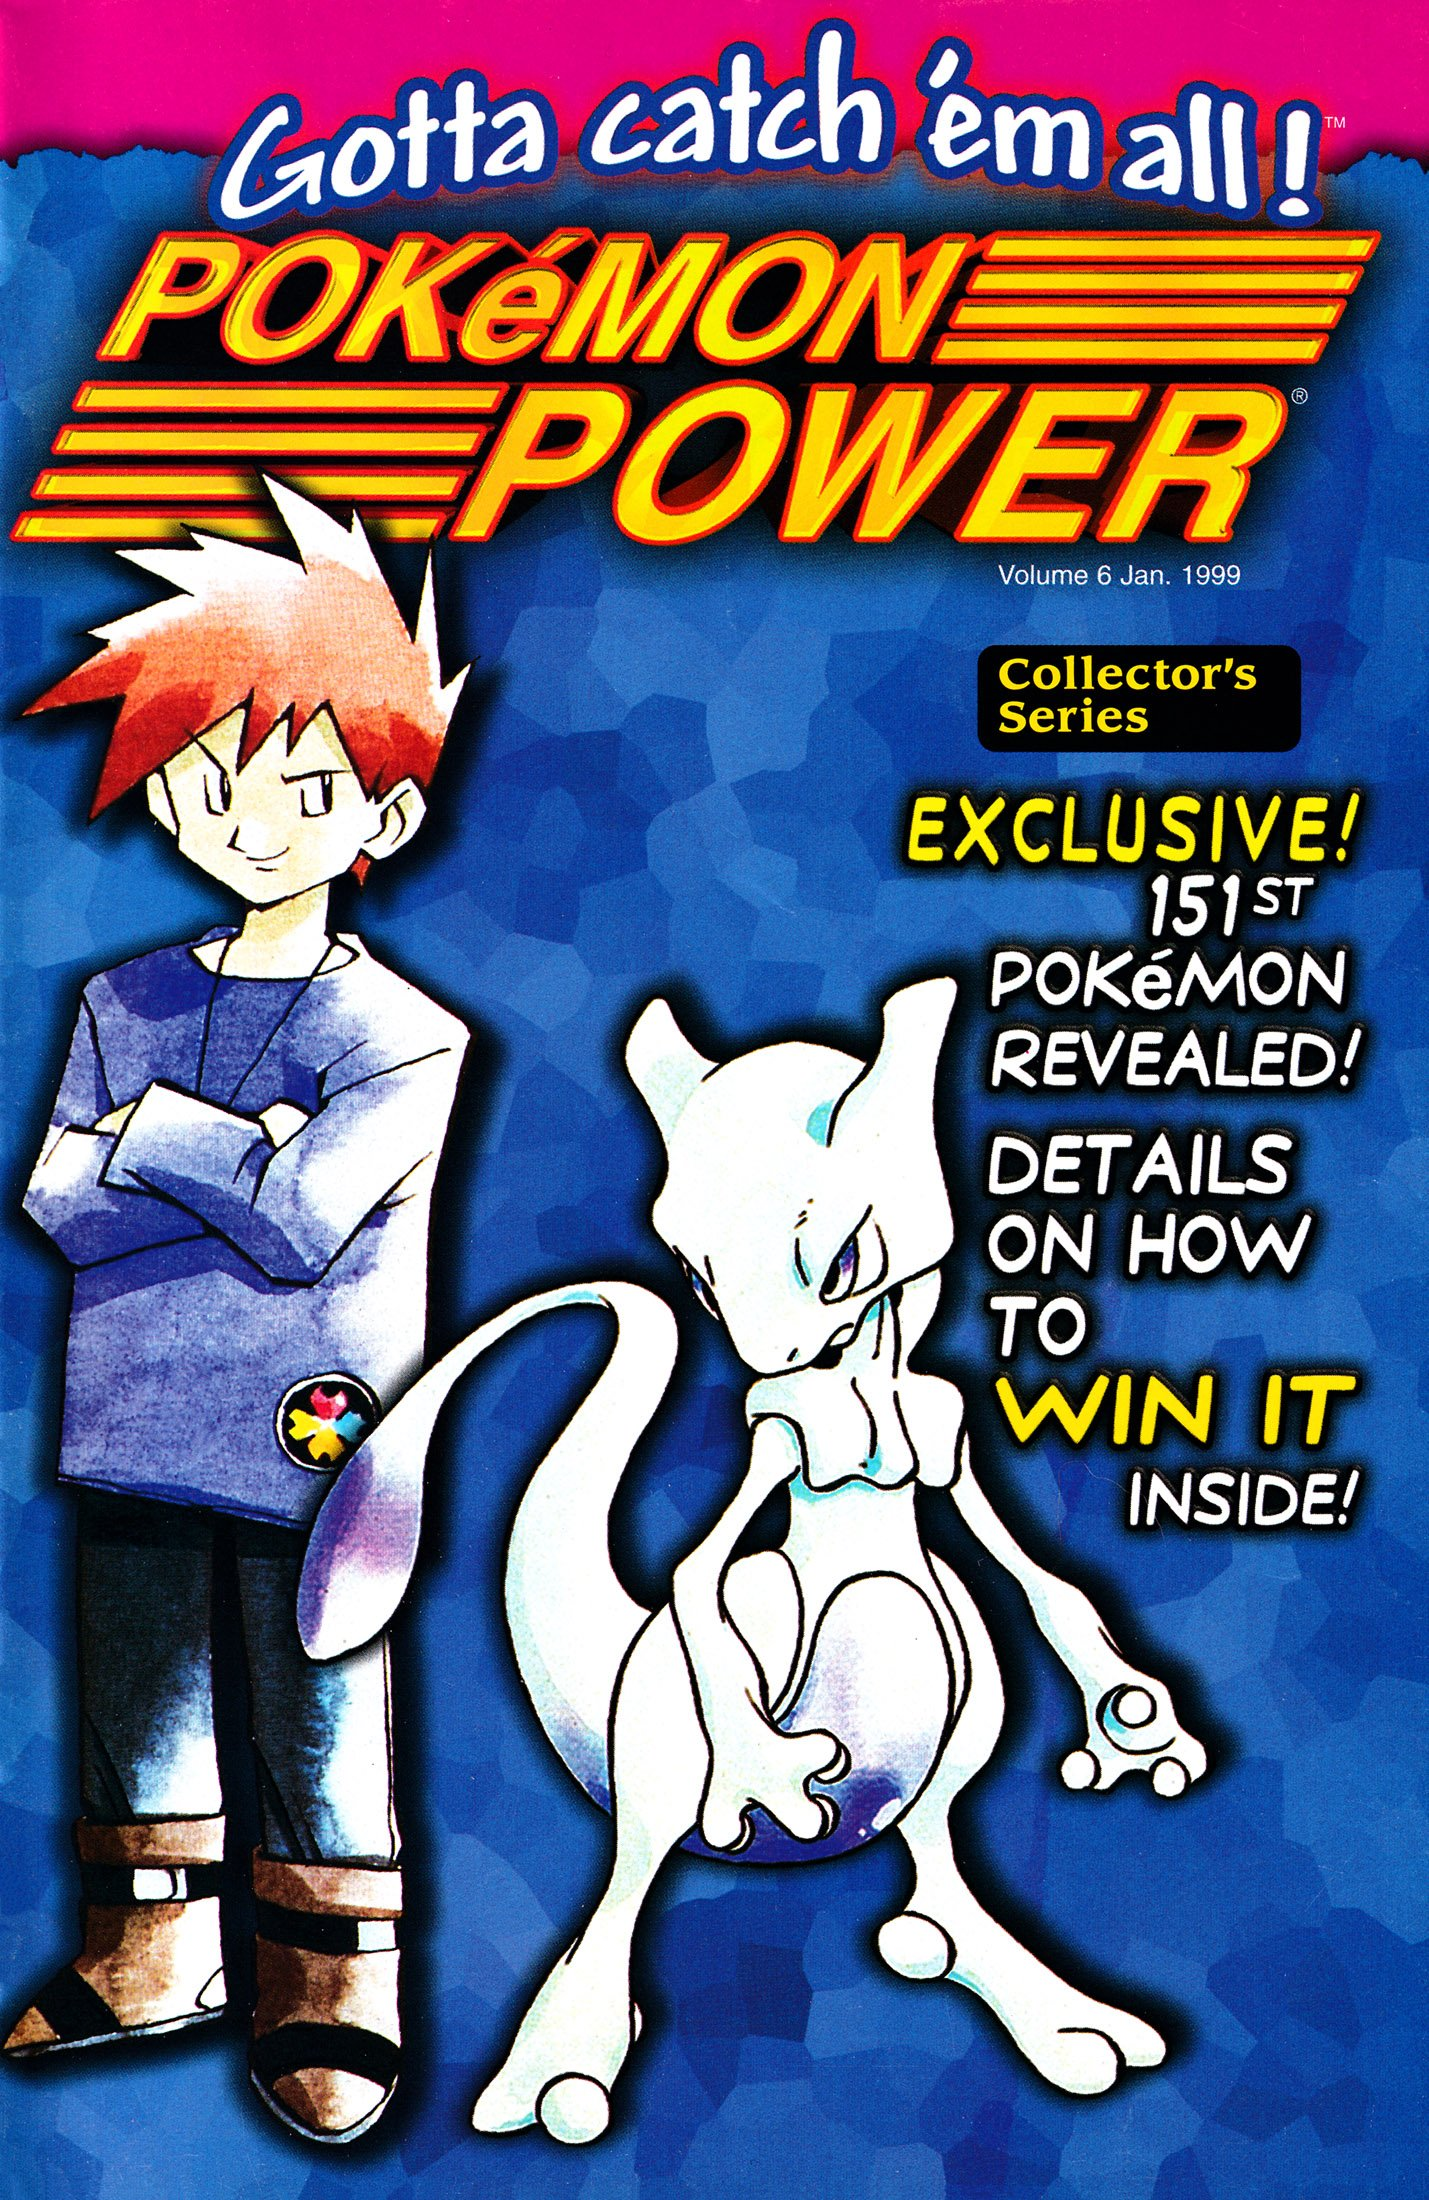 Pokémon Power Volume 6 (January 1999)